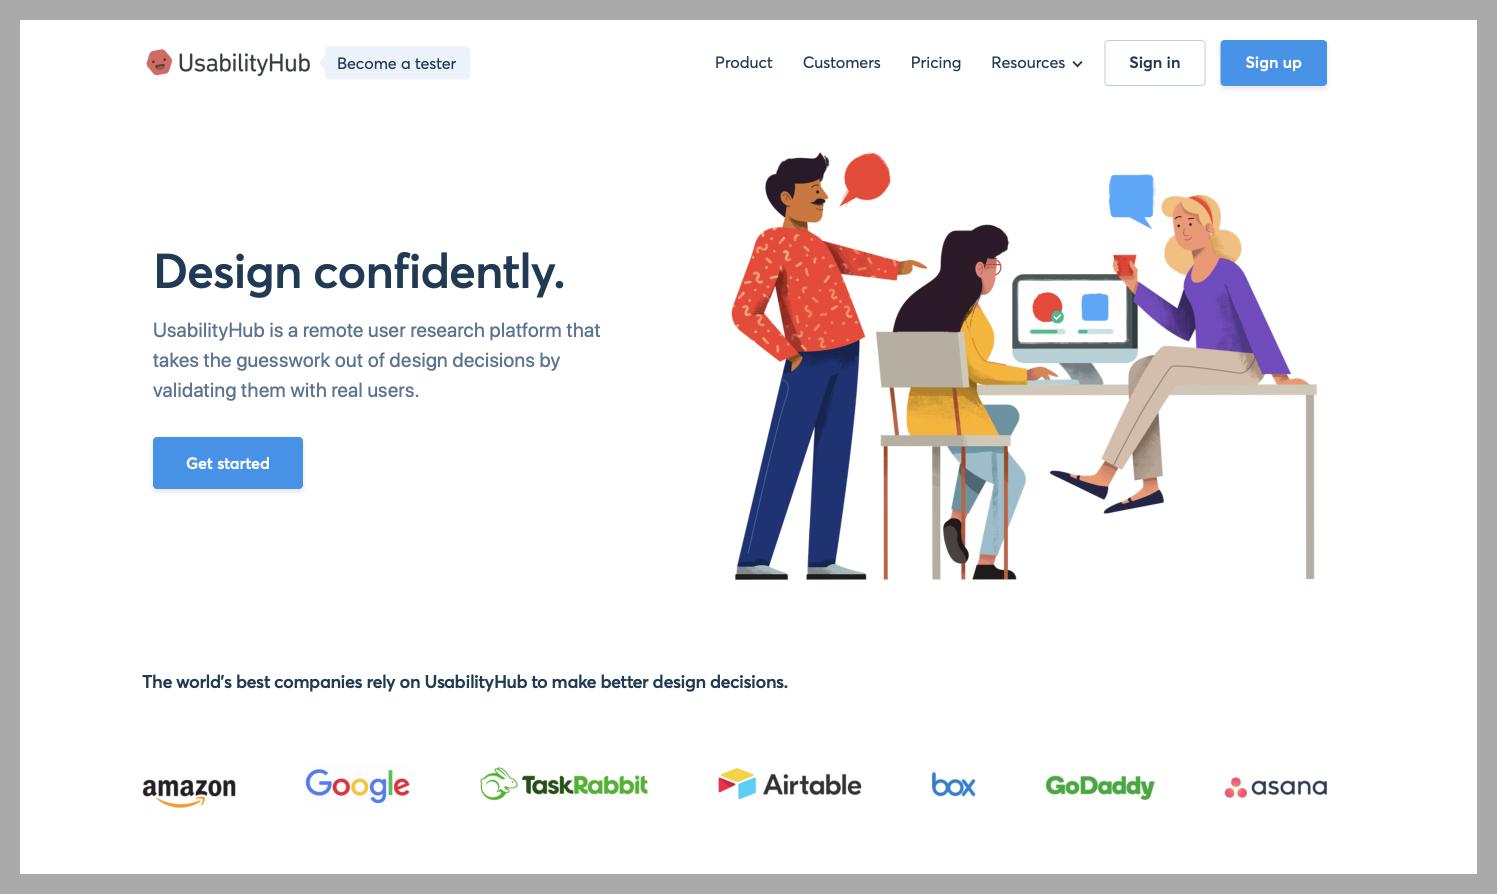 UsabilityHub.com